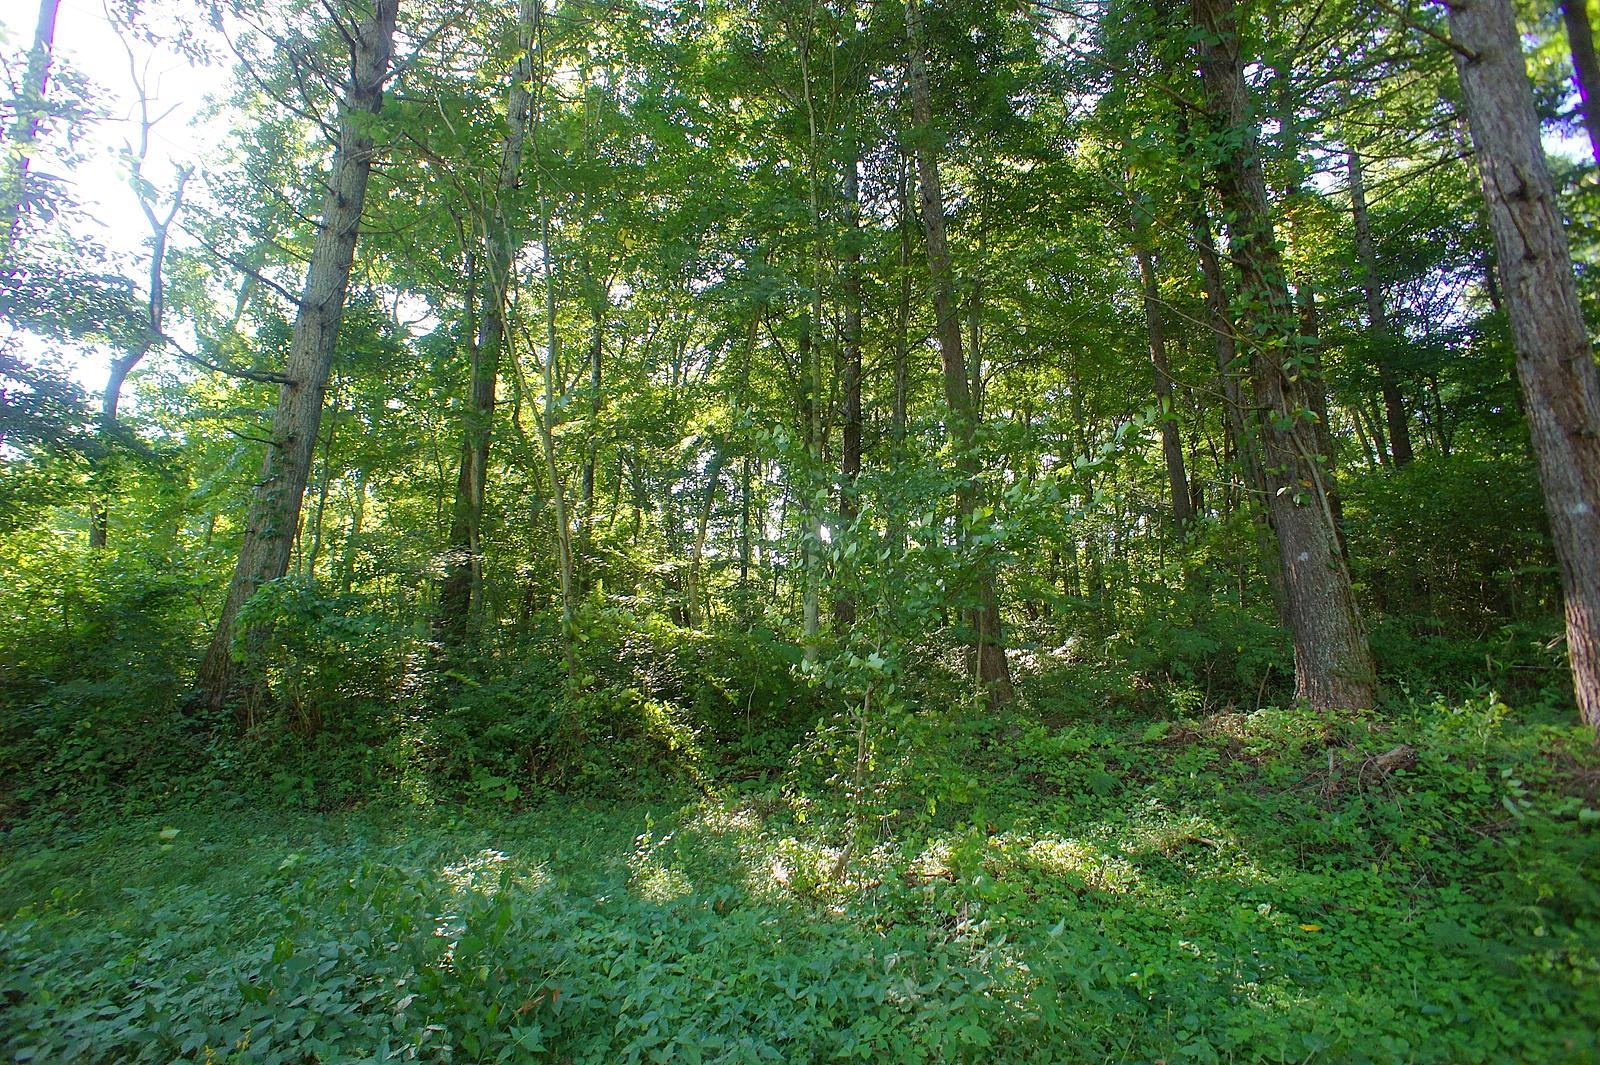 物件中央より西側を撮影。高い木が立ち並び、まるで森の中に佇んでいるよう。